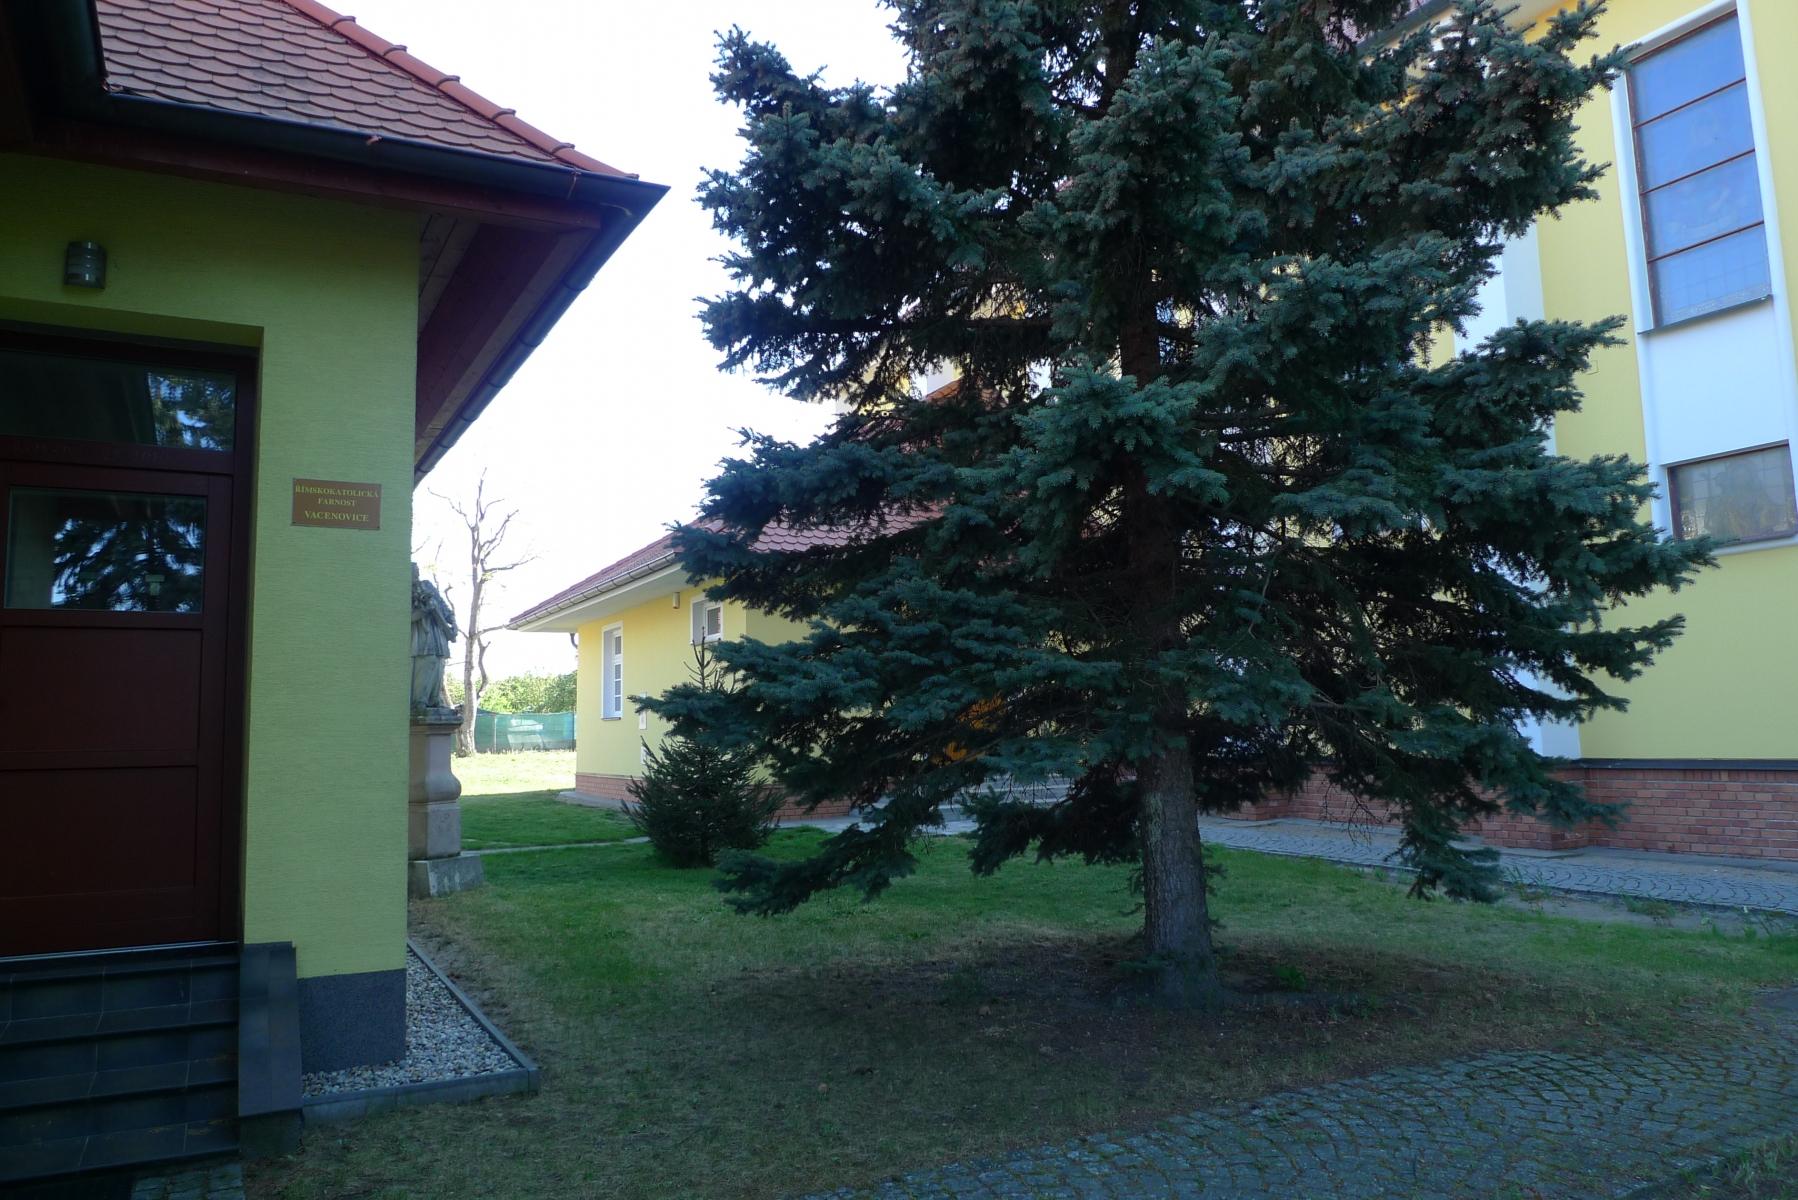 Kostel-a-okolí-62